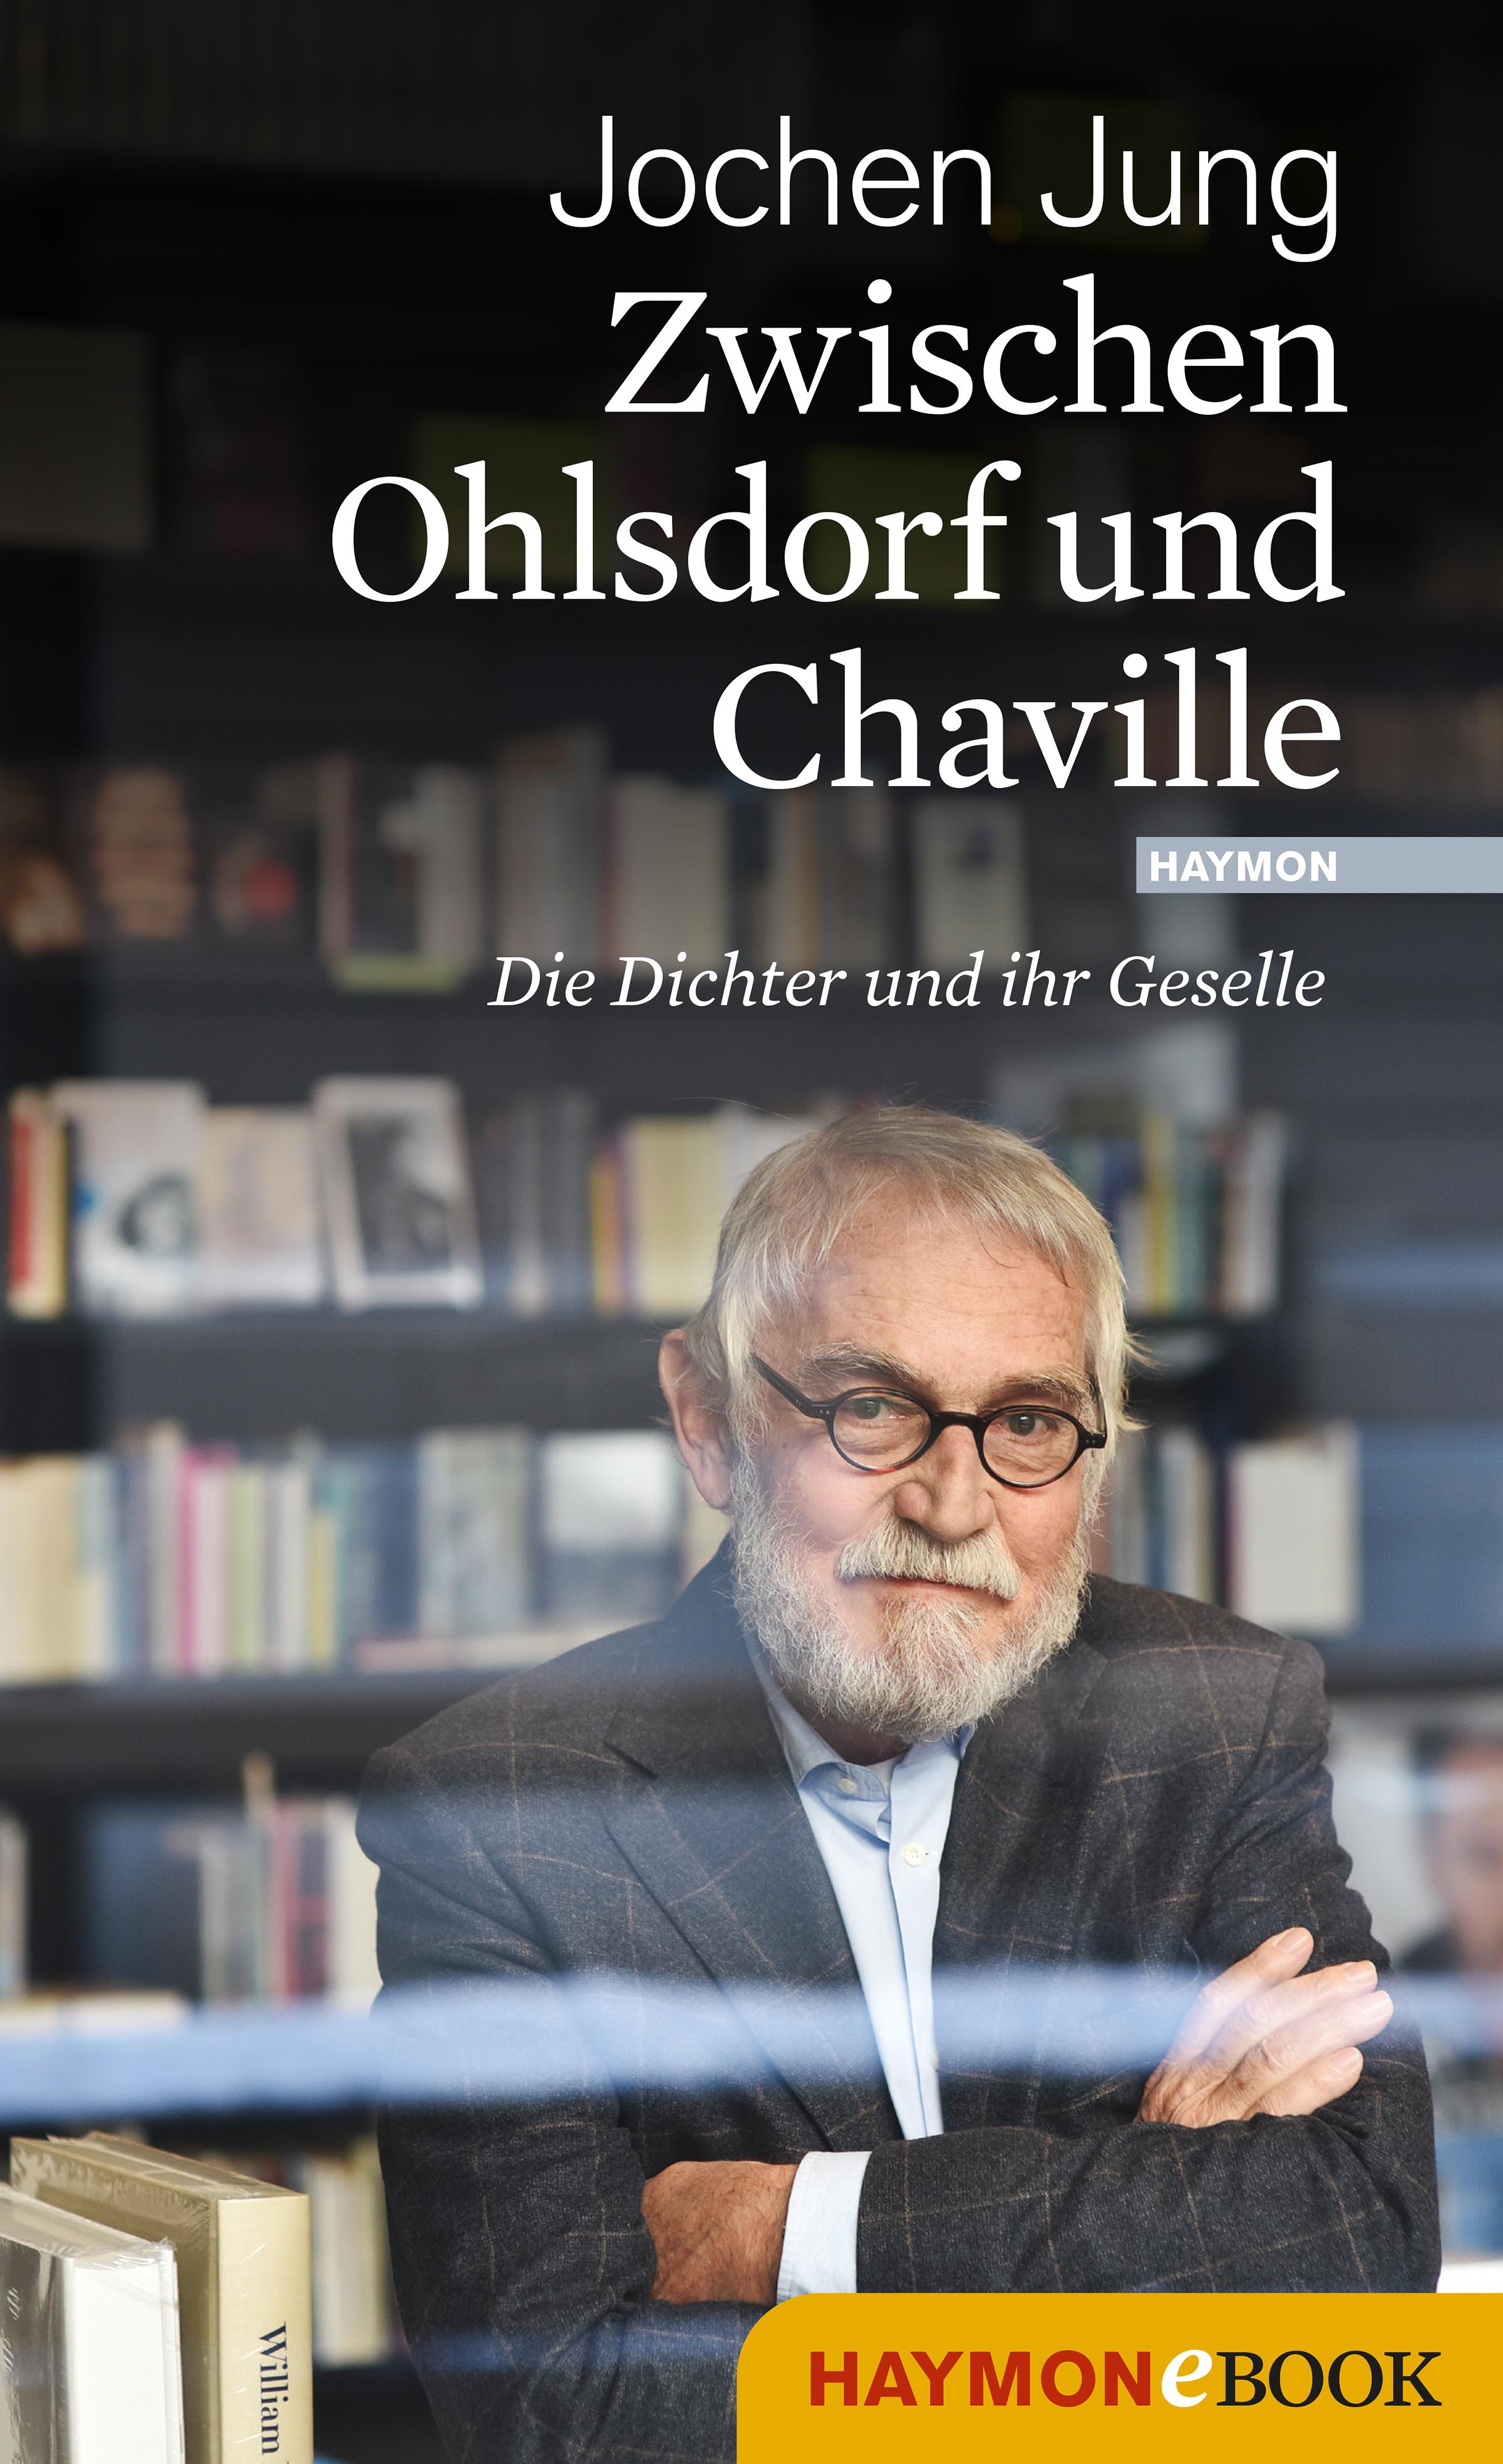 Jochen Jung Zwischen Ohlsdorf und Chaville